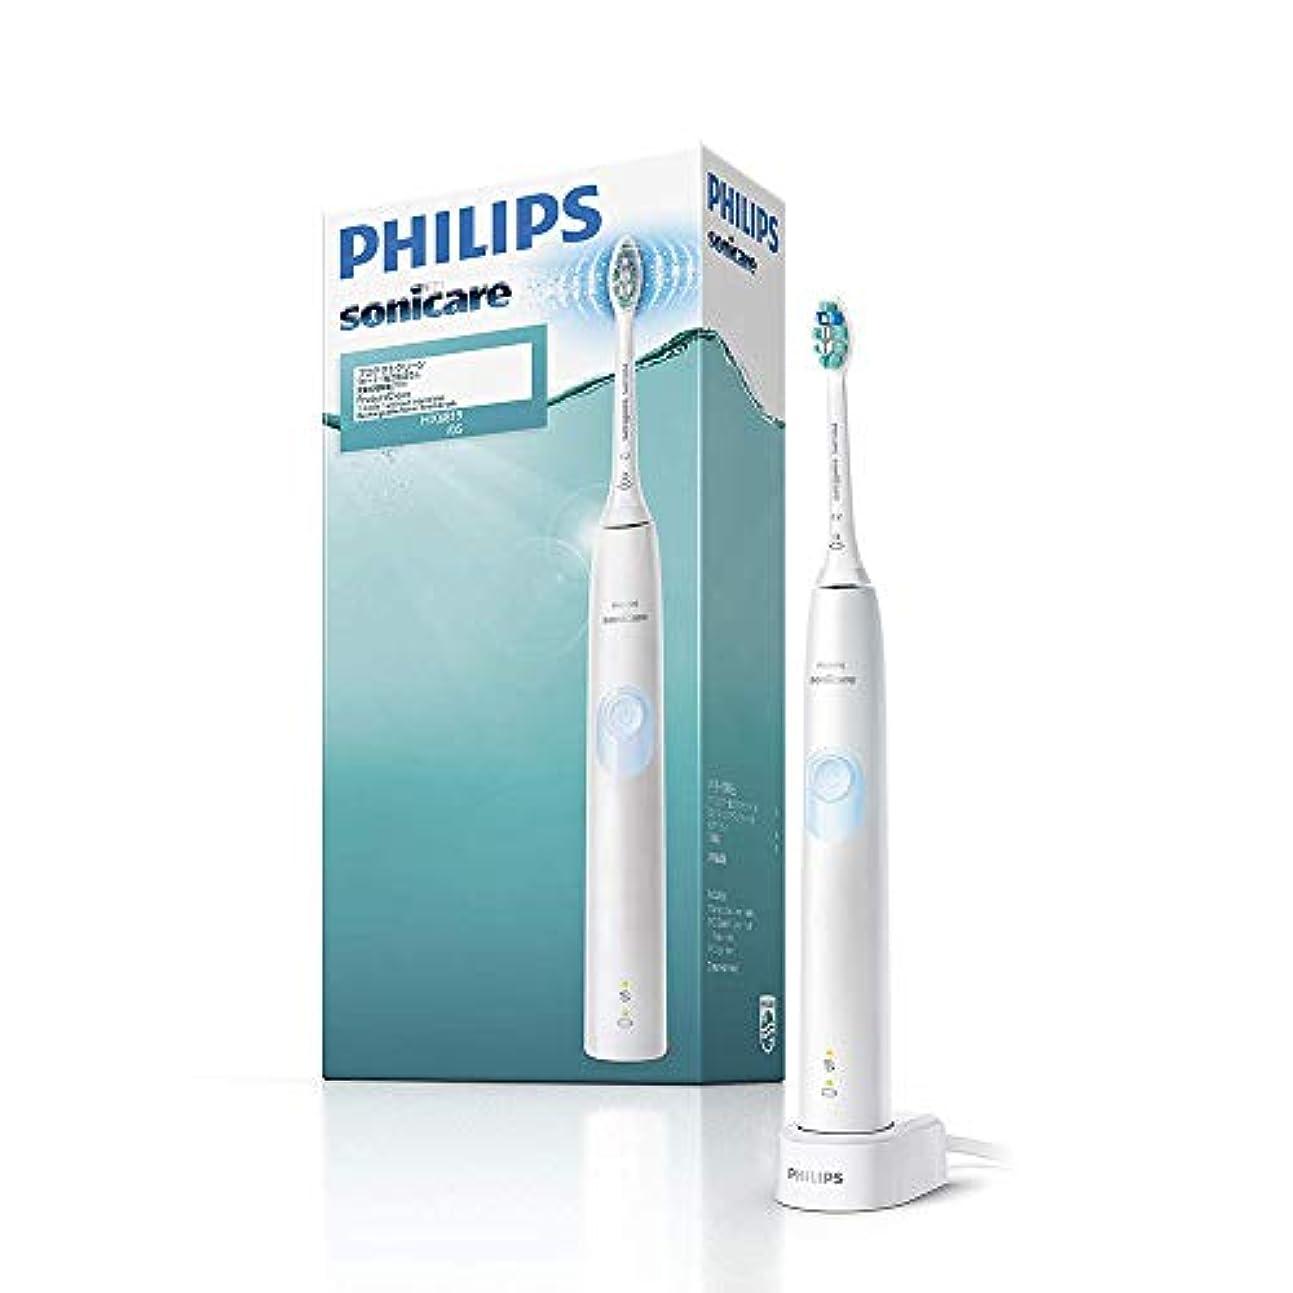 今日バスケットボール以来【Amazon.co.jp限定】フィリップス ソニッケアー プロテクトクリーン ホワイトライトブルー 電動歯ブラシ 強さ設定なし HX6819/05